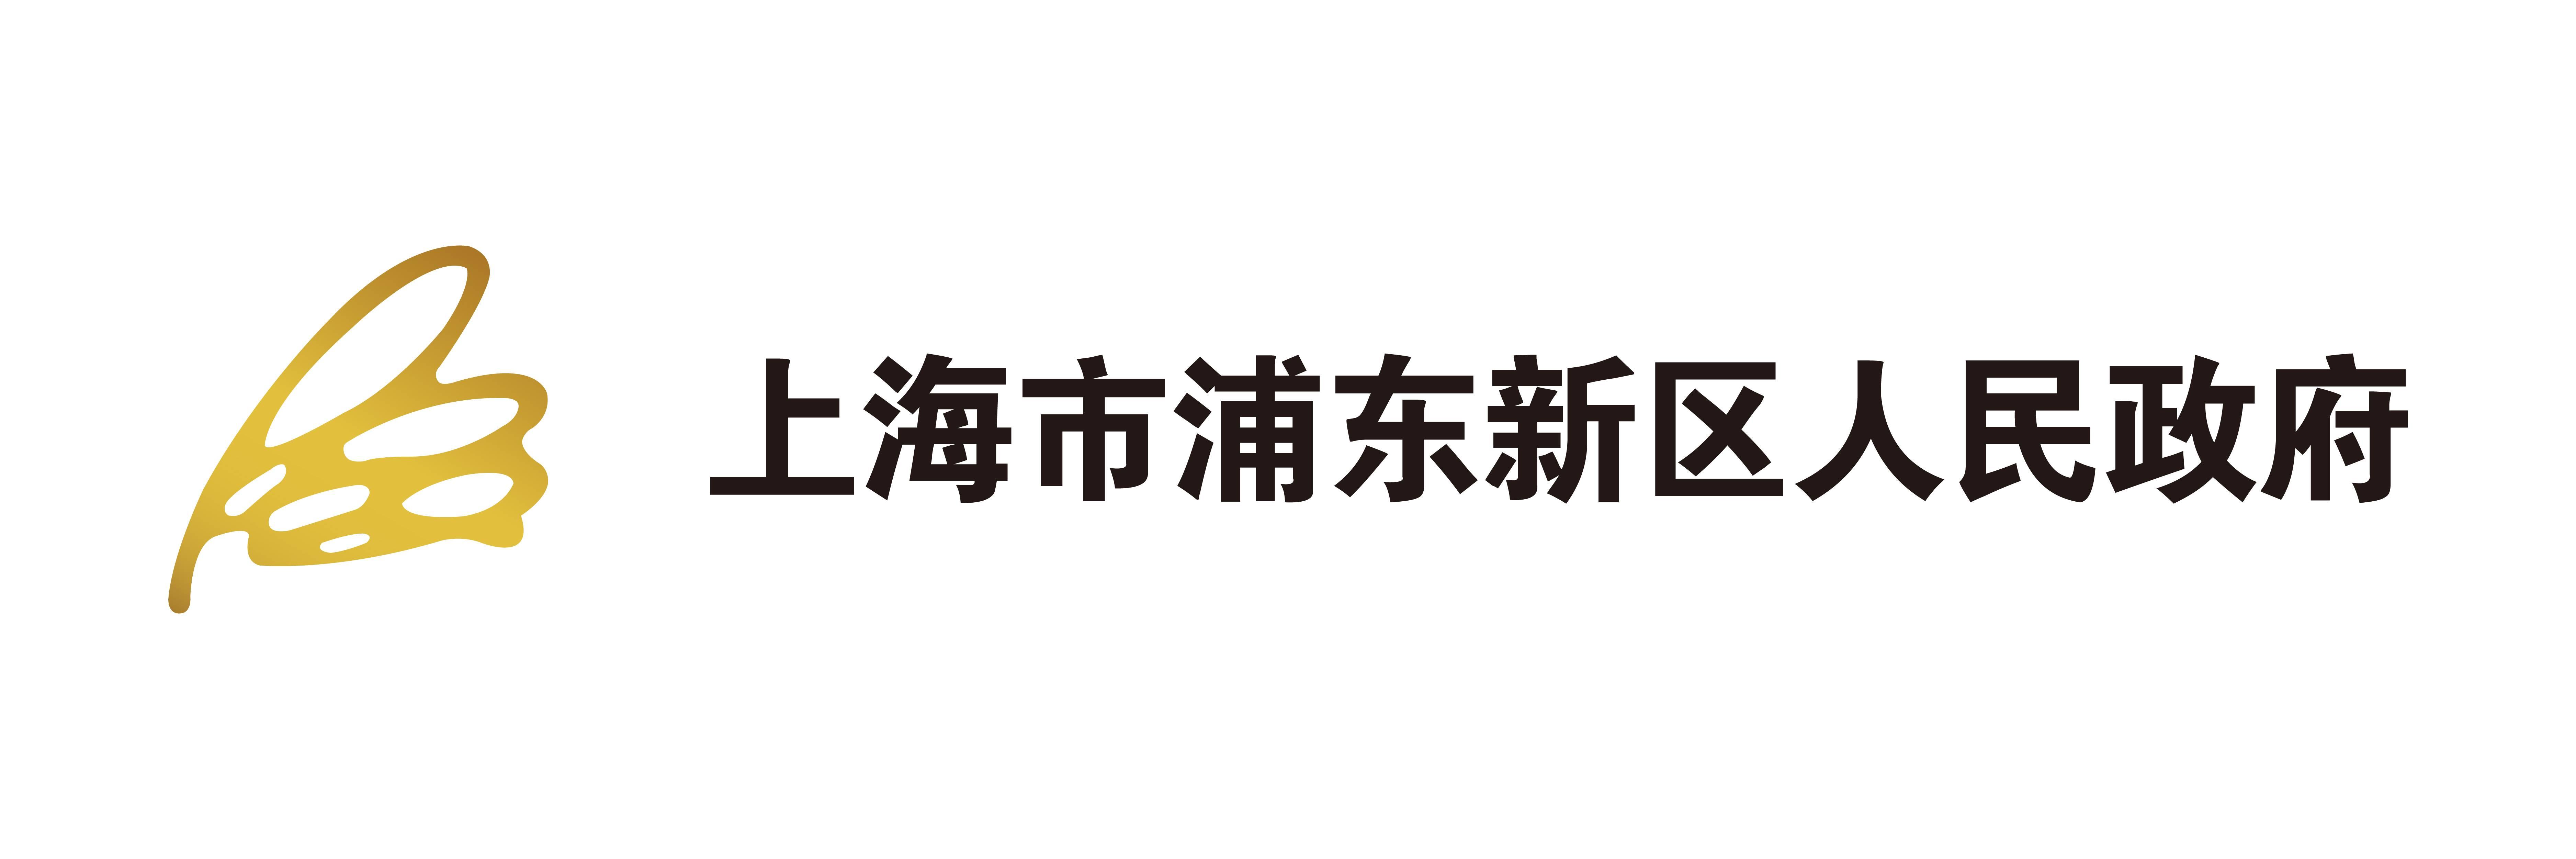 上海市浦东新区人民政府